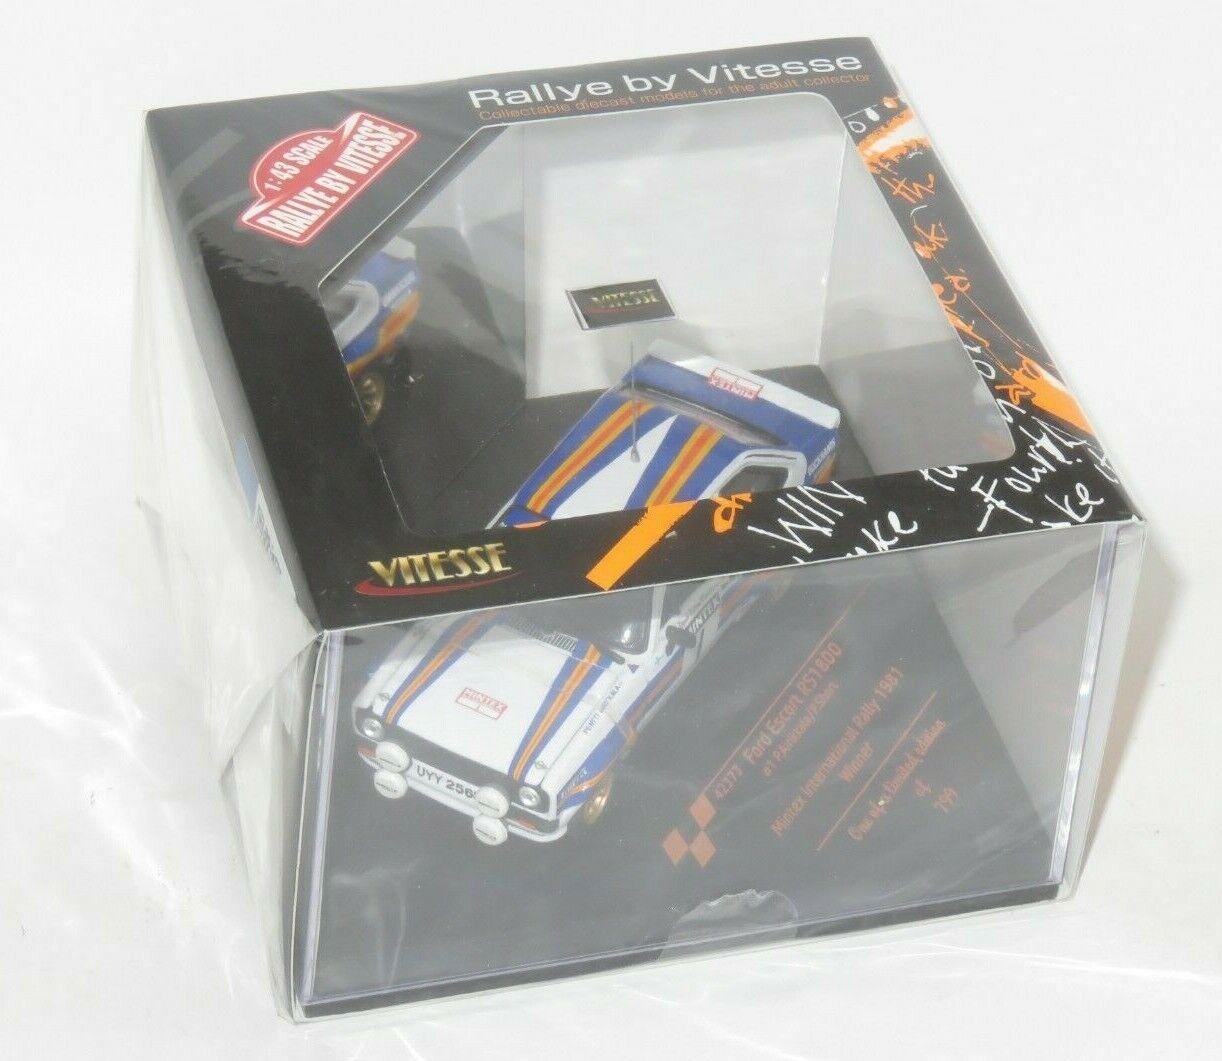 precios mas bajos 1 43 43 43 Ford Escort Mk2 RS1800 Mintex International Rally 1981 ganador P. AIRIKKALA  diseños exclusivos